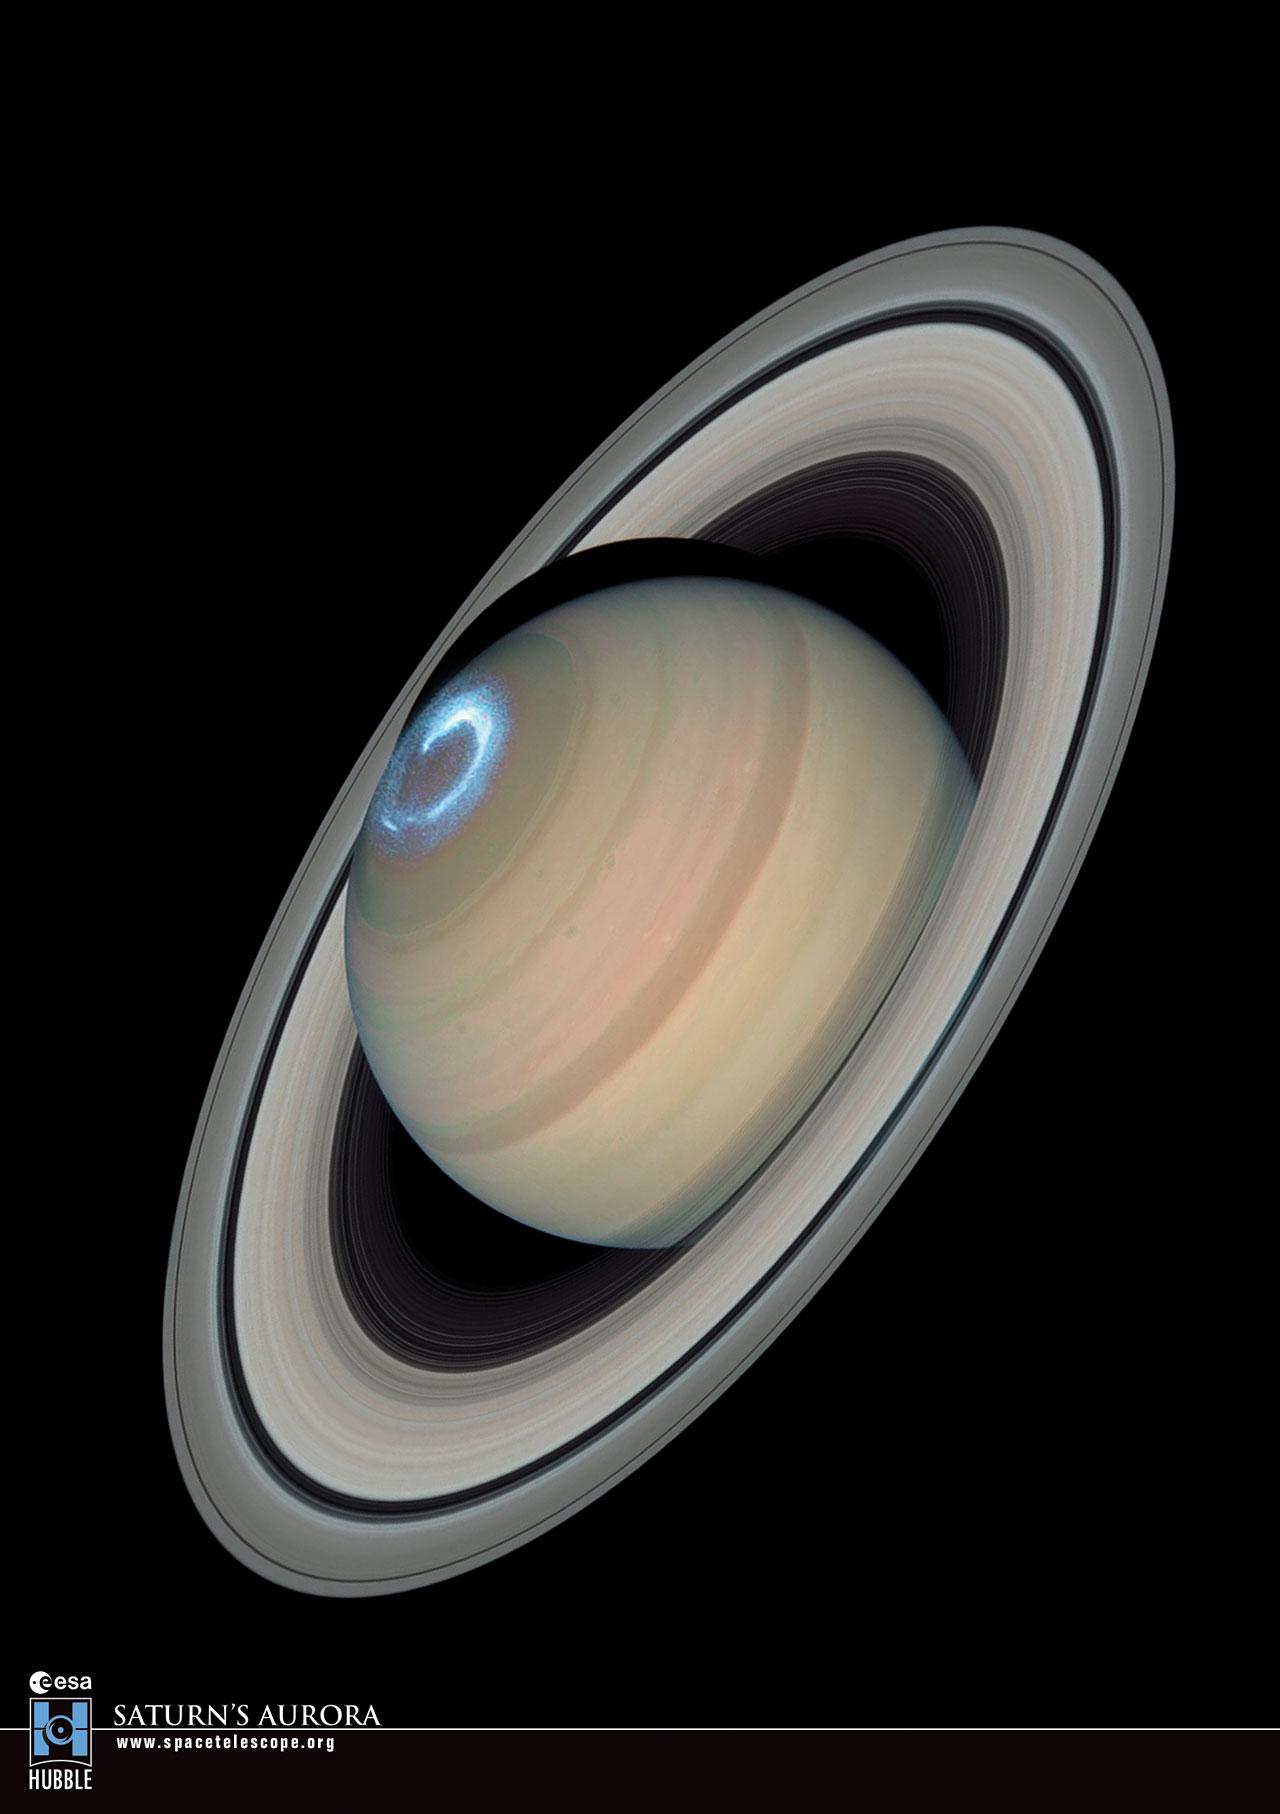 Postcard08 Saturn S Aurora Esa Hubble